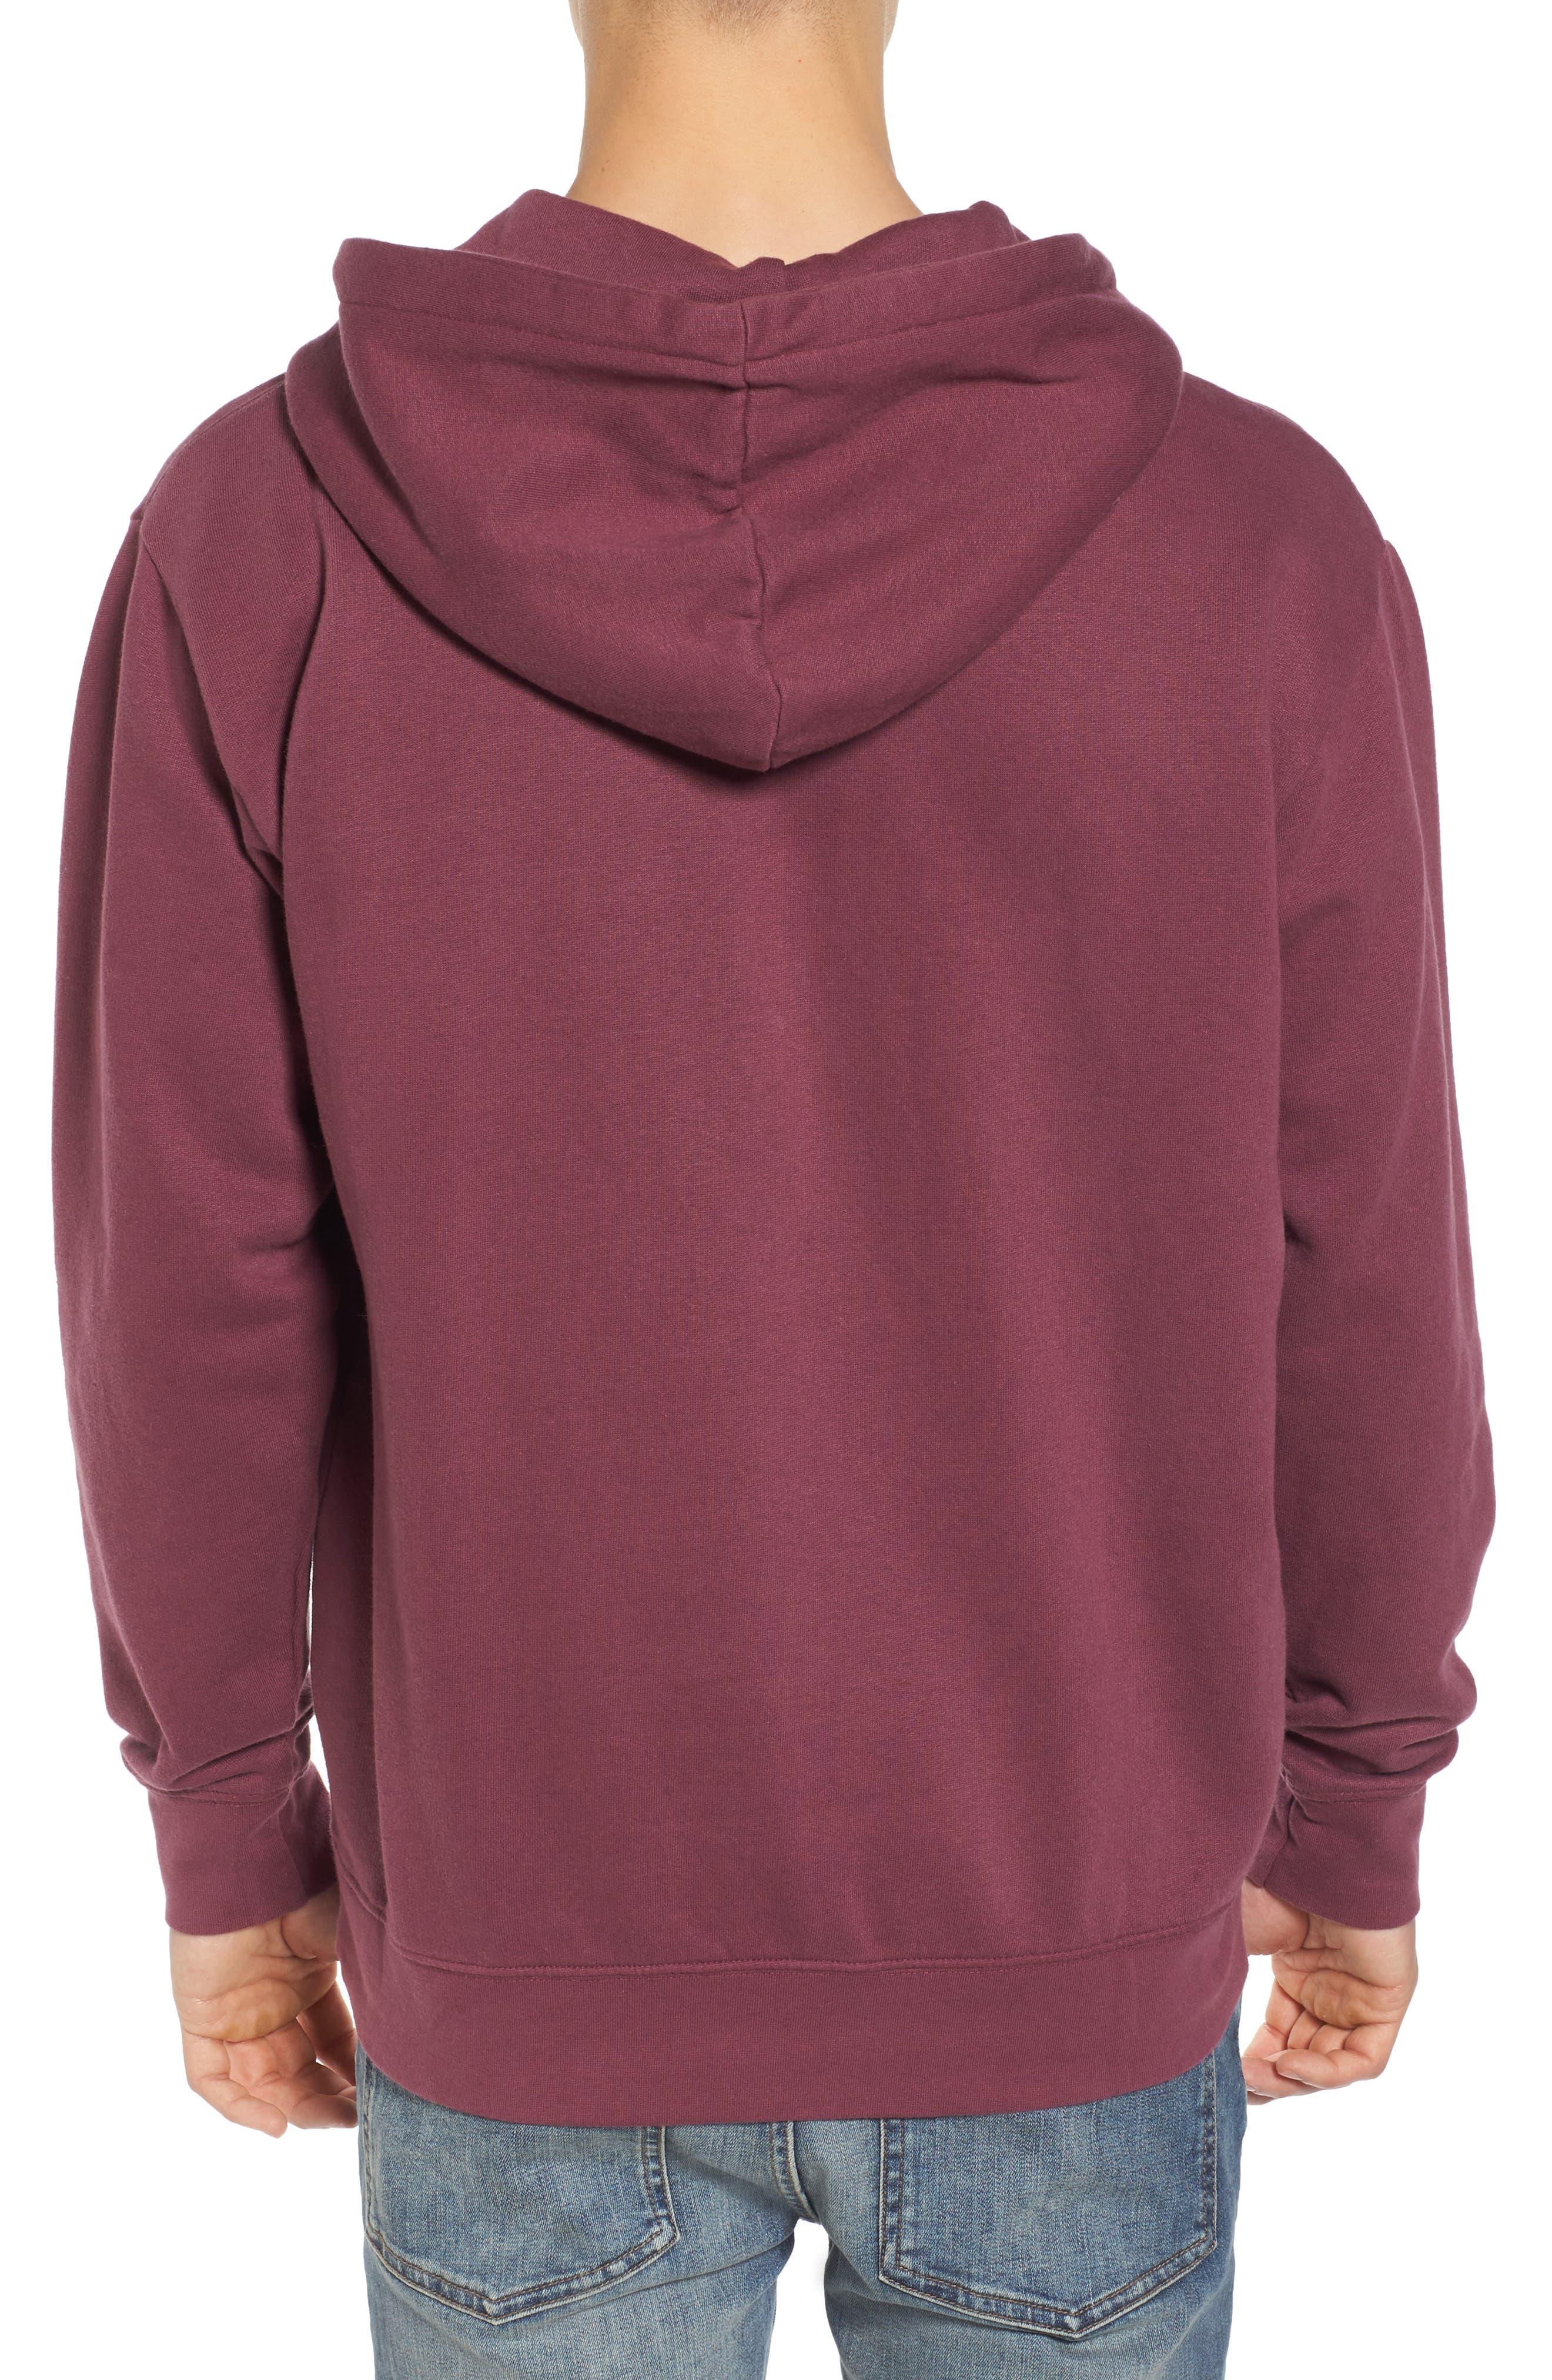 Ennet Hooded Pullover,                             Alternate thumbnail 6, color,